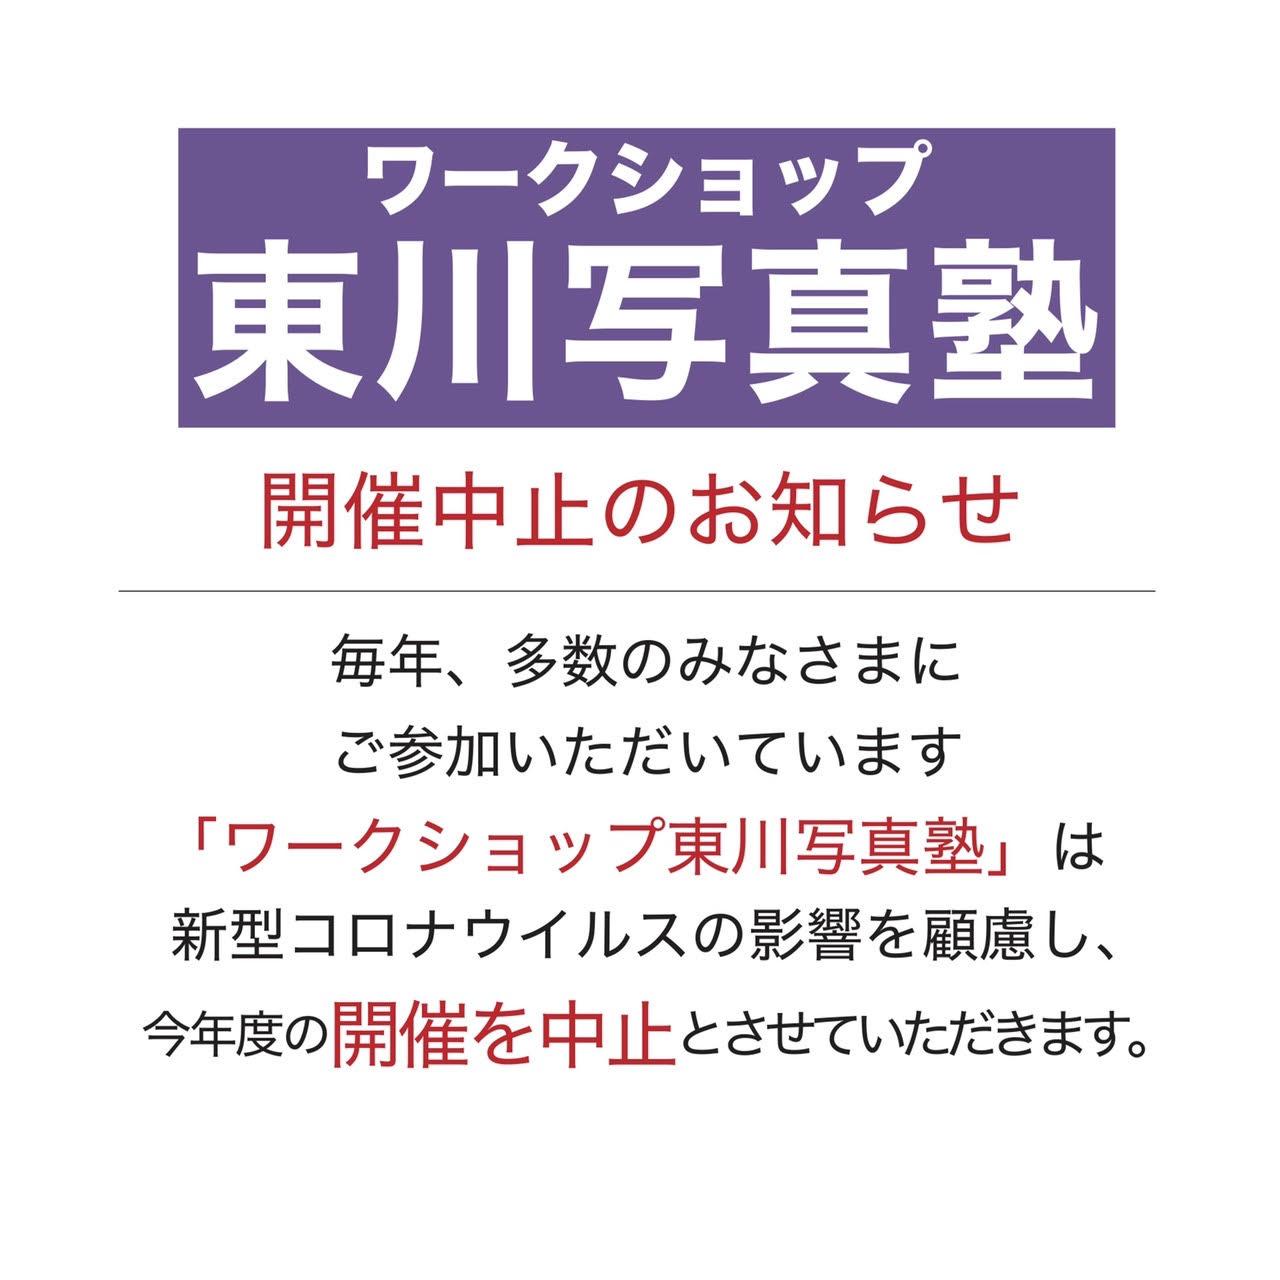 ワークショップ東川写真塾 開催中止のお知らせ